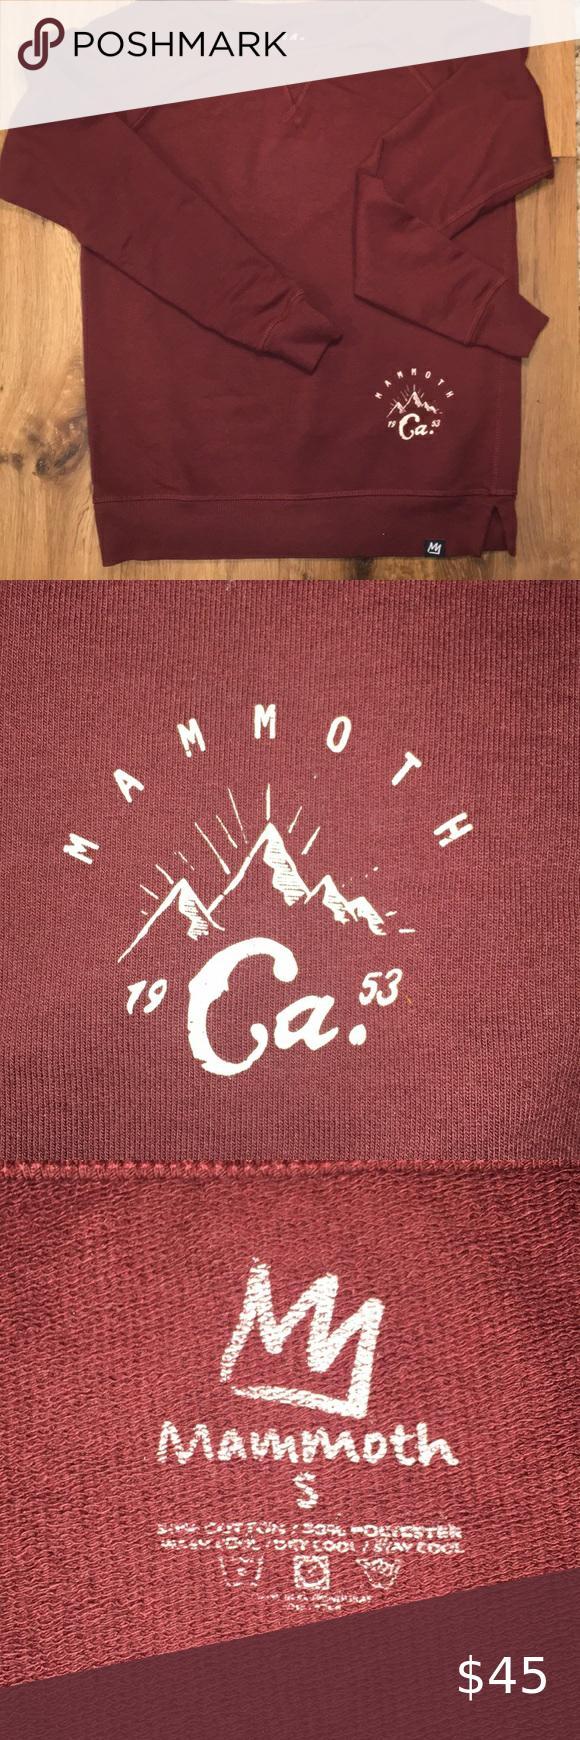 Mammoth Mountain Maroon Sweatshirt Nwot Maroon Sweatshirt Maroon Sweatshirts [ 1740 x 580 Pixel ]